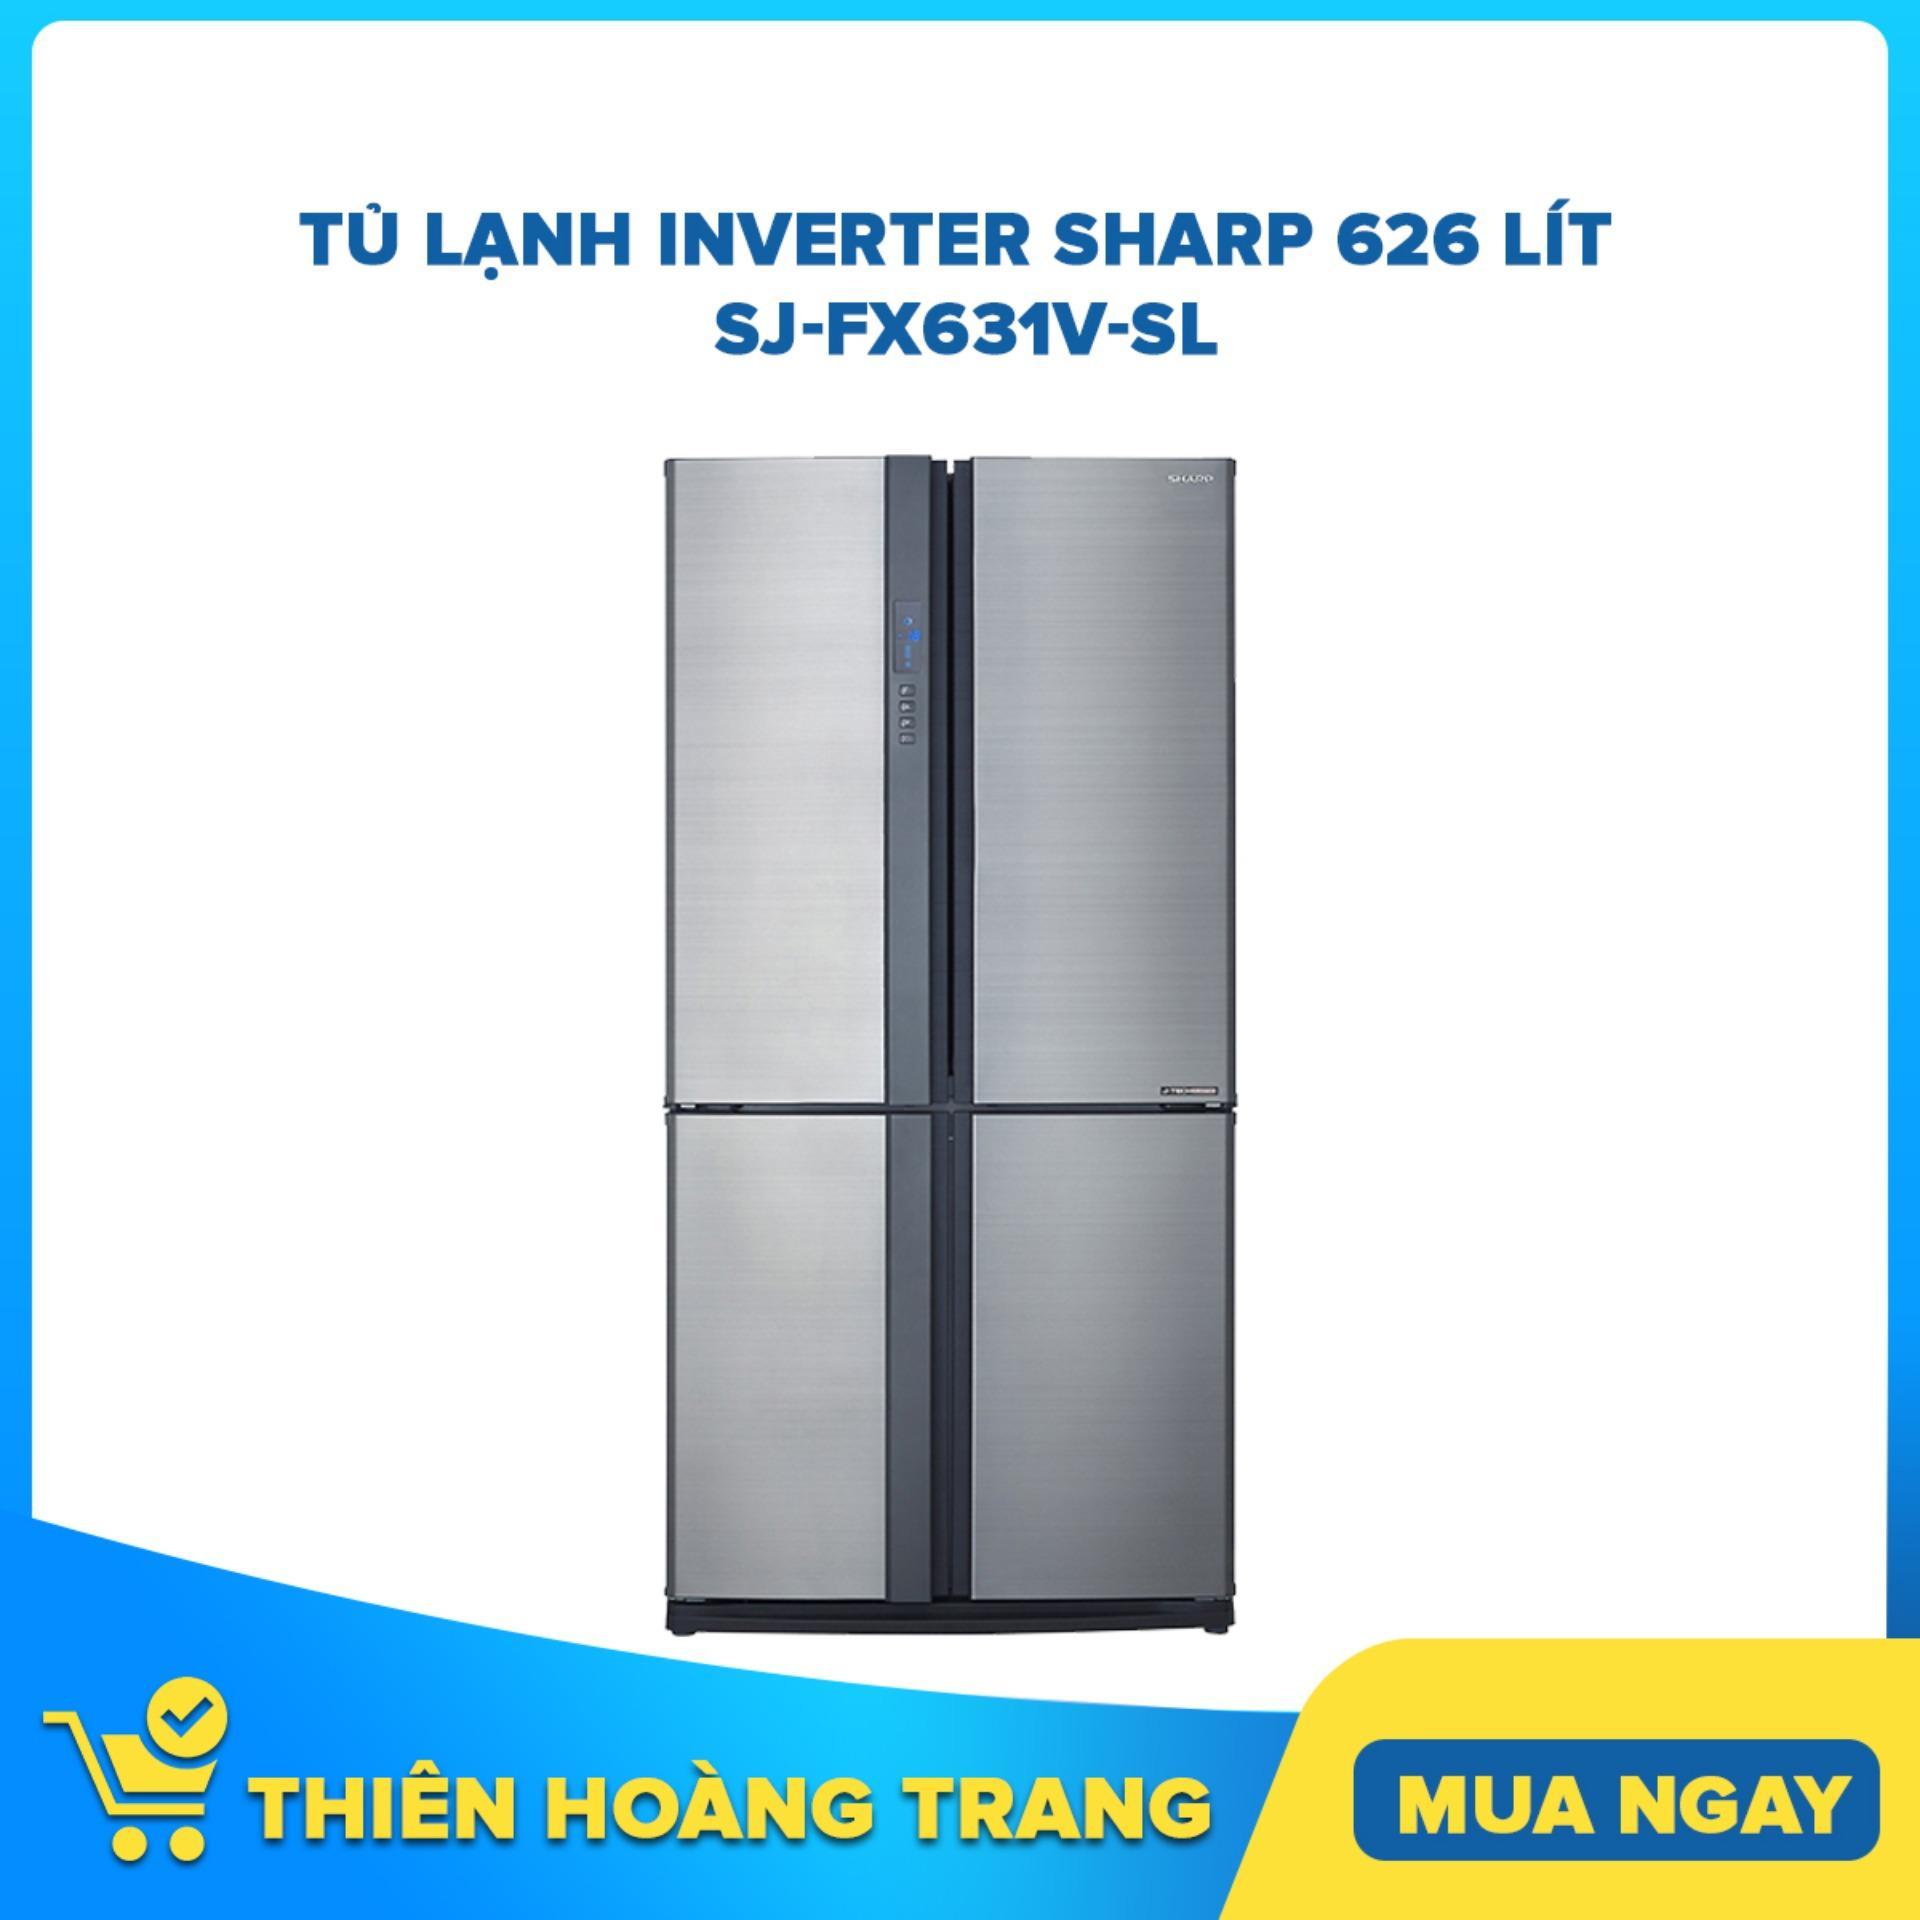 Tủ lạnh Side by Side 4 cửa Sharp Inverter 626 lít SJ-FX631V-SL công nghệ J-Tech Inverter, khử mùi Nano Bạc - Đồng, cửa tủ thép không gỉ